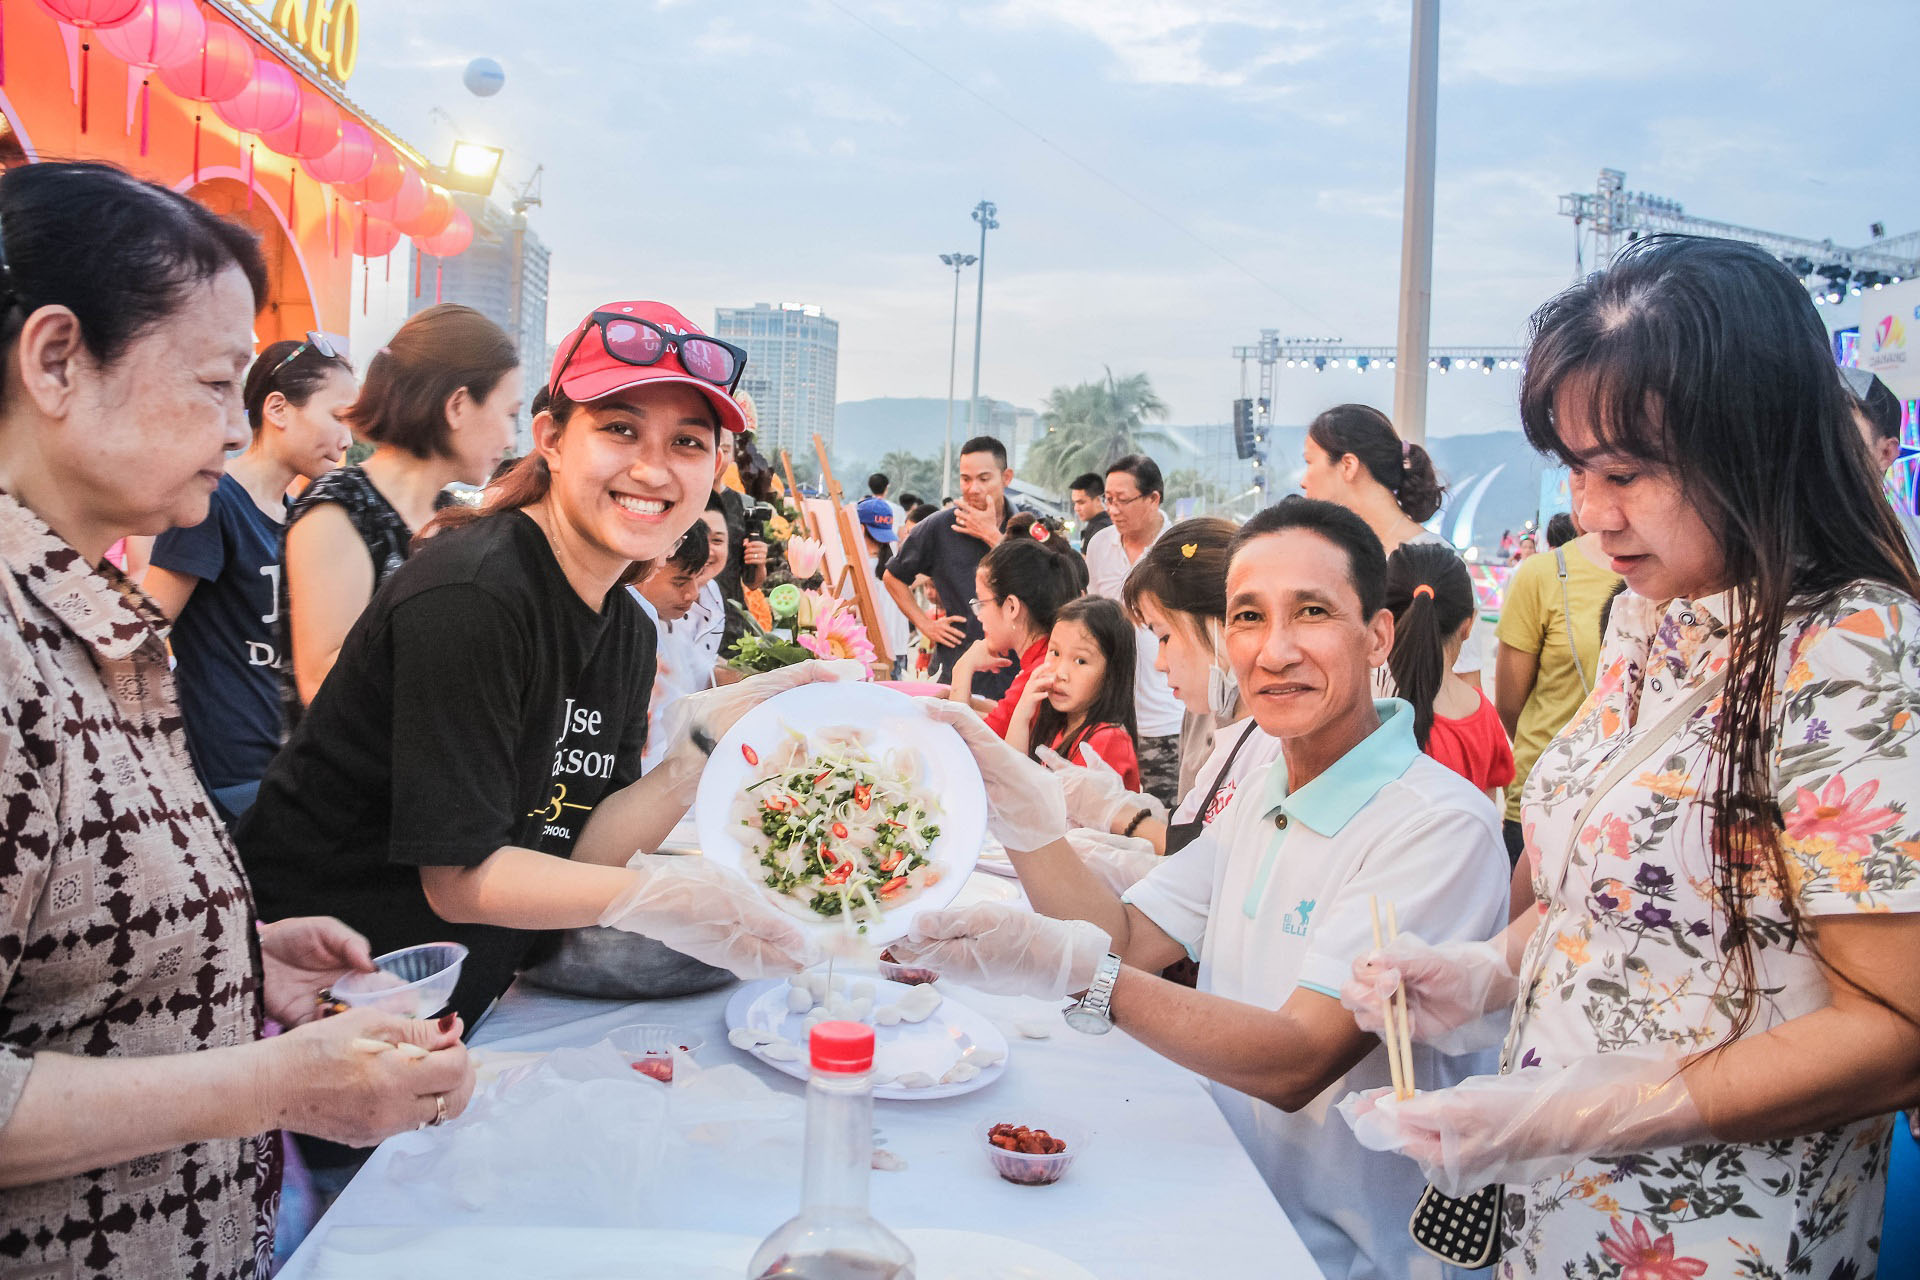 Chuong Trinh Le Hoi Tuyet Voi Da Nang 2020 Du Kien Dien Ra Vao Thang 6 2020 11